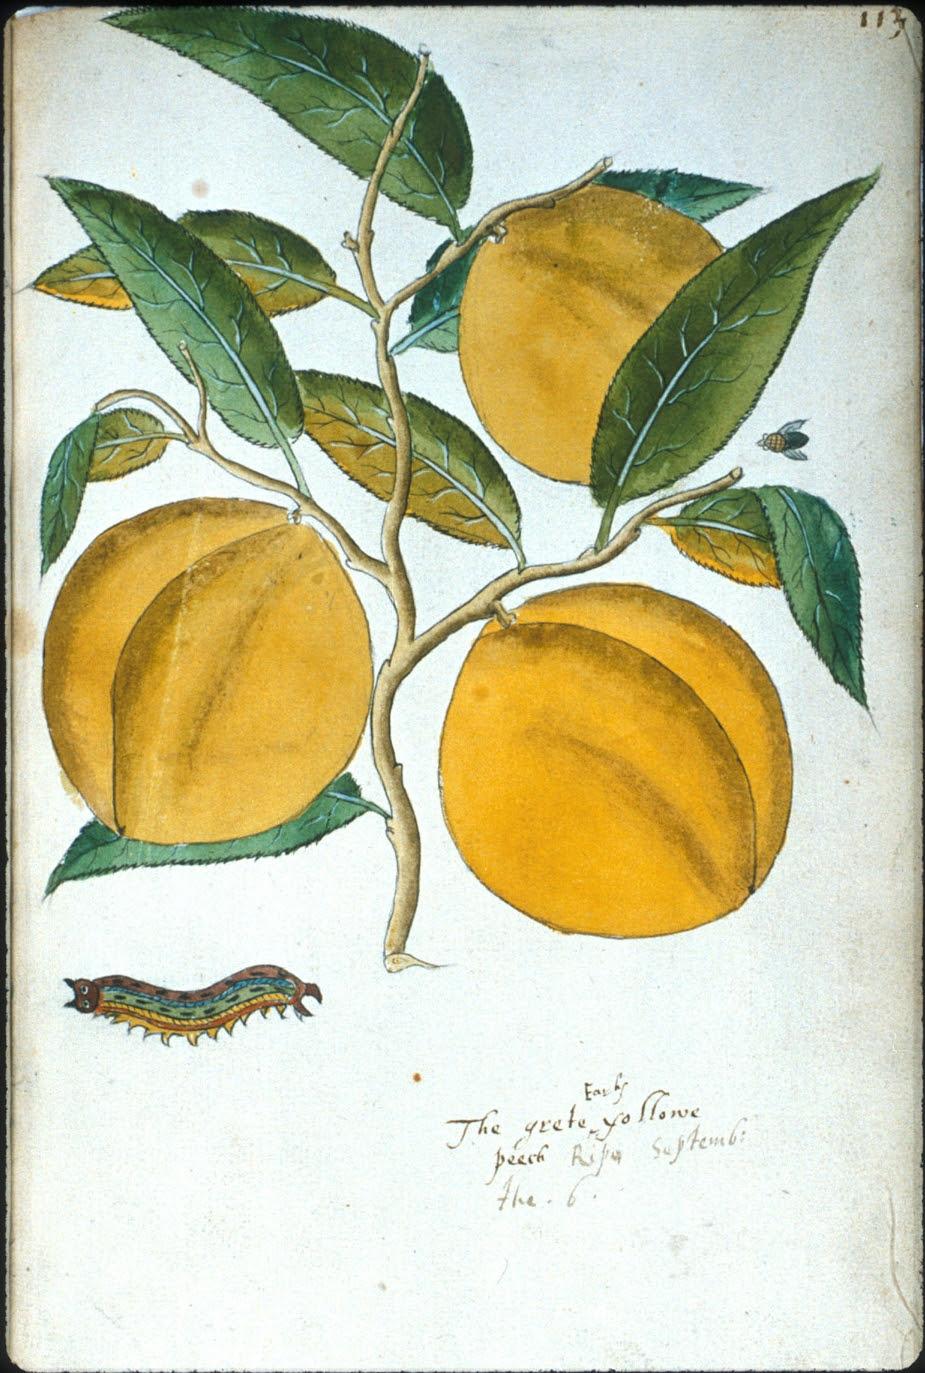 The grete -Early- yollow peech